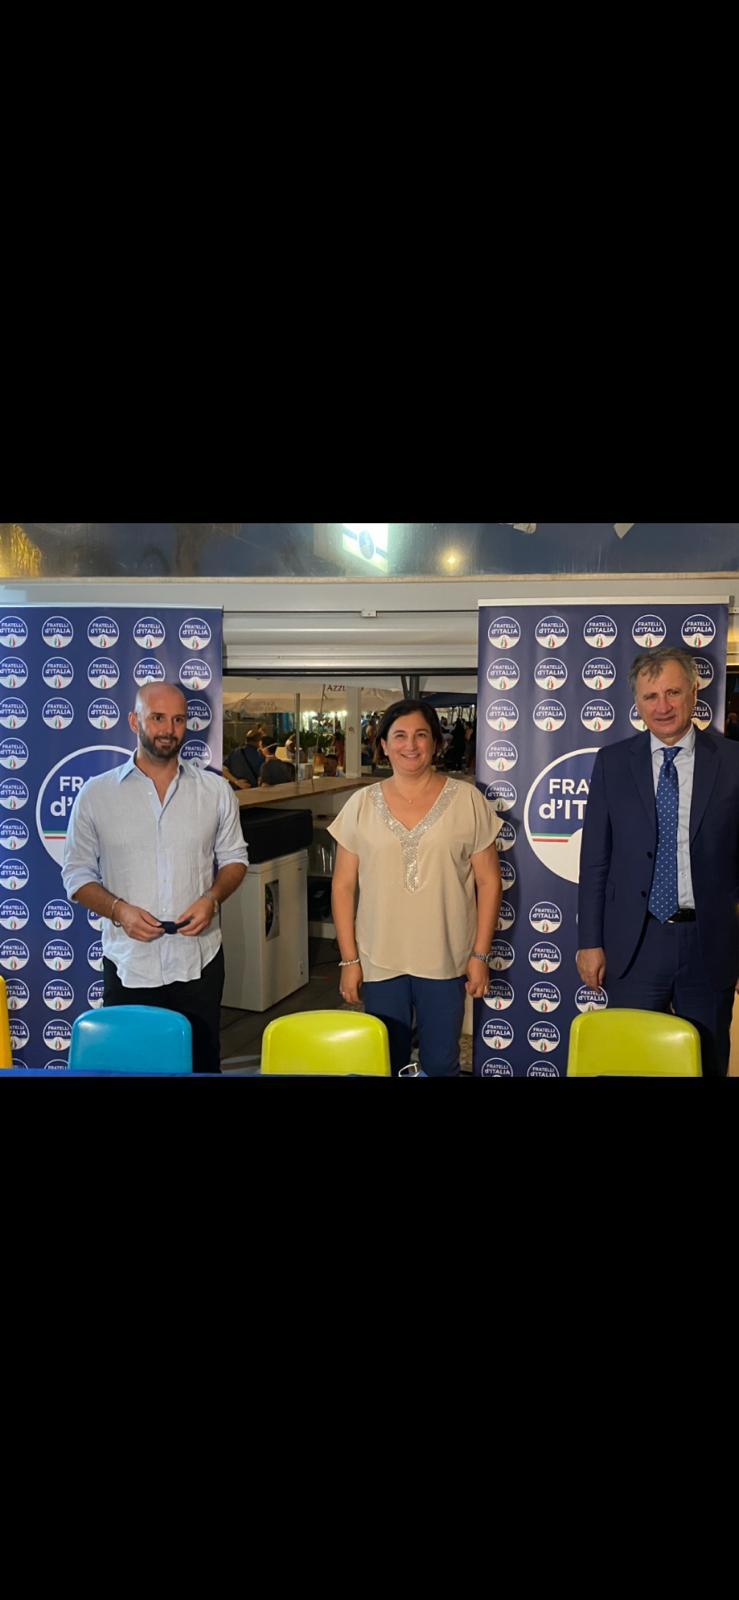 FRATELLI D'ITALIA E ROBERTA TINTARI, A TERRACINA COME IN ITALIA, È GIUNTO IL TEMPO DI UNA DONNA ALGOVERNO